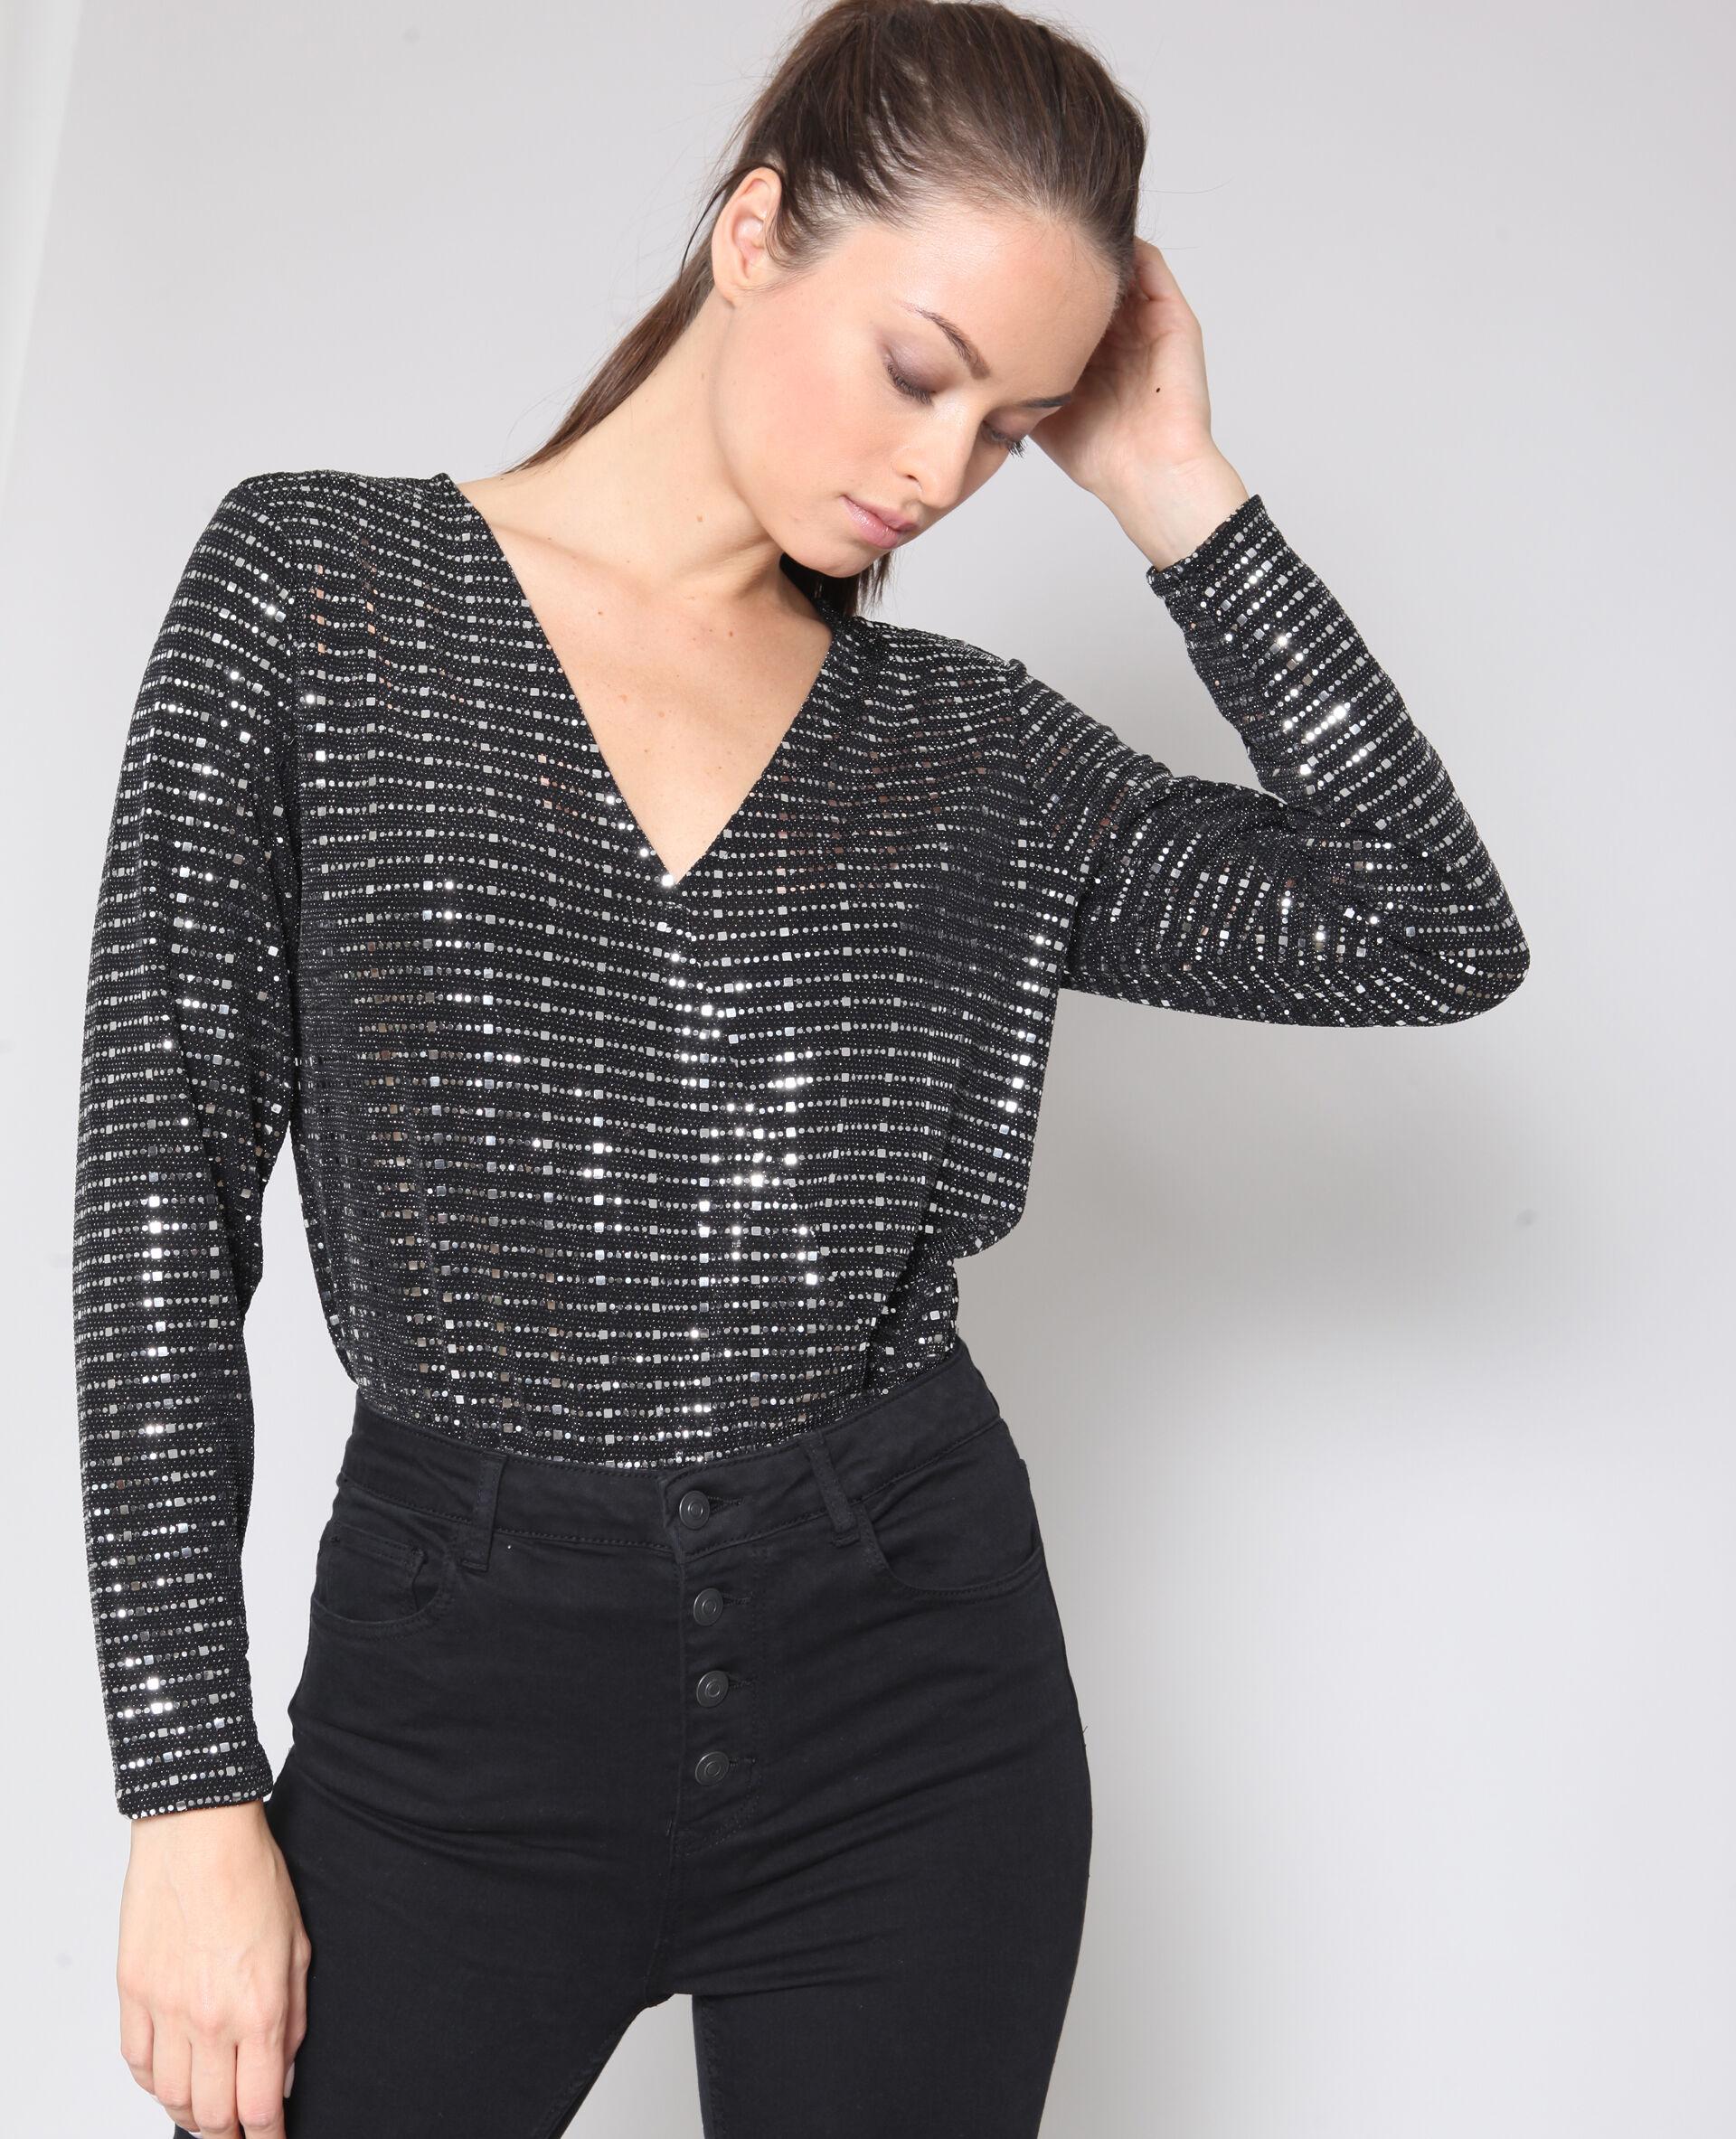 Soldes Body à sequins Femme -40% - Couleur noir - Taille M - PIMKIE - Mode Femme